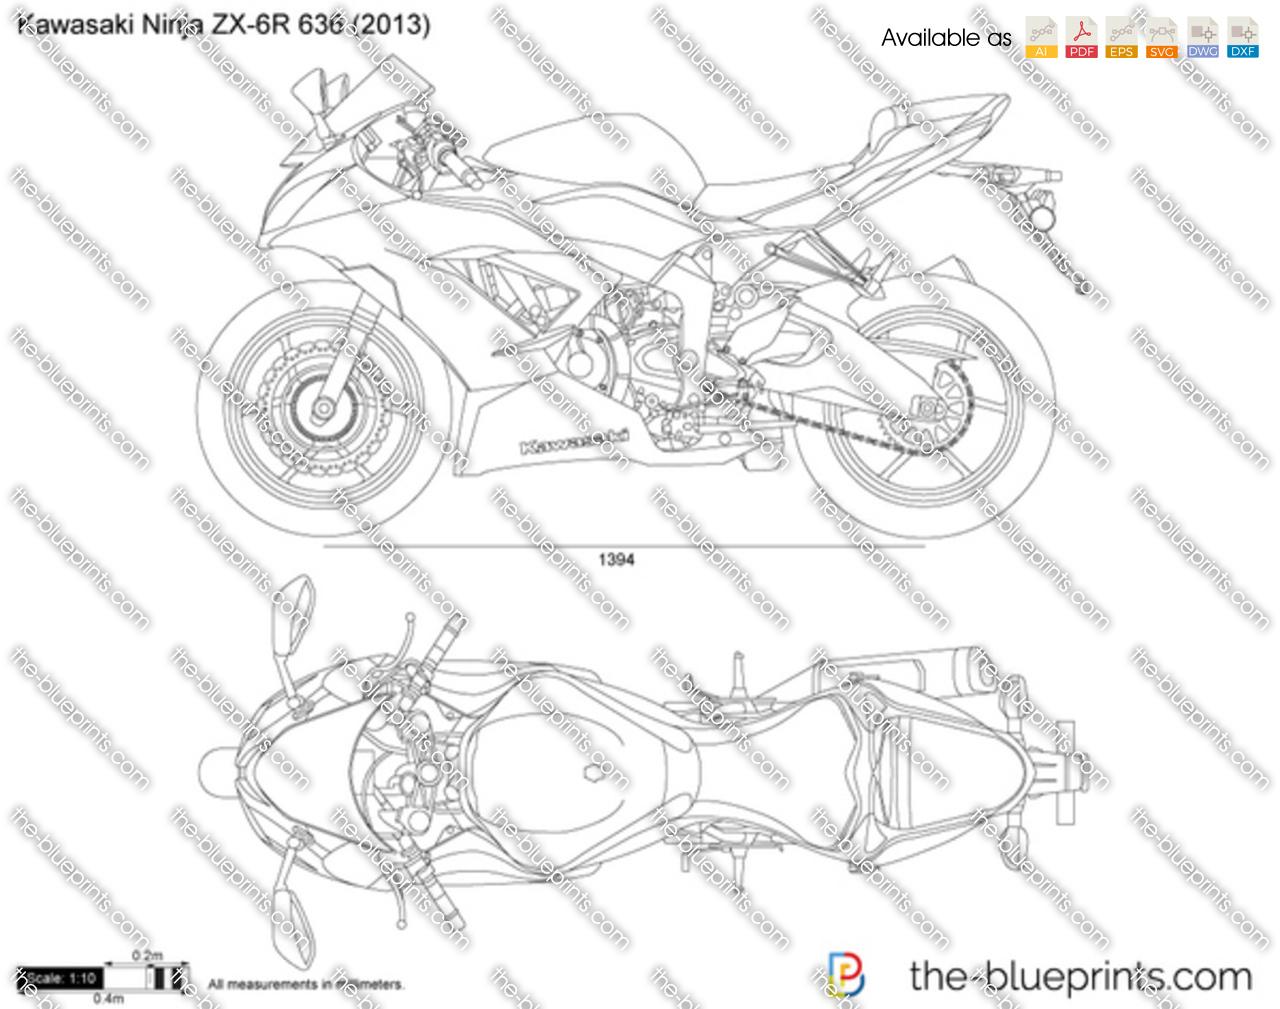 Kawasaki Ninja ZX-6R 636 vector drawing